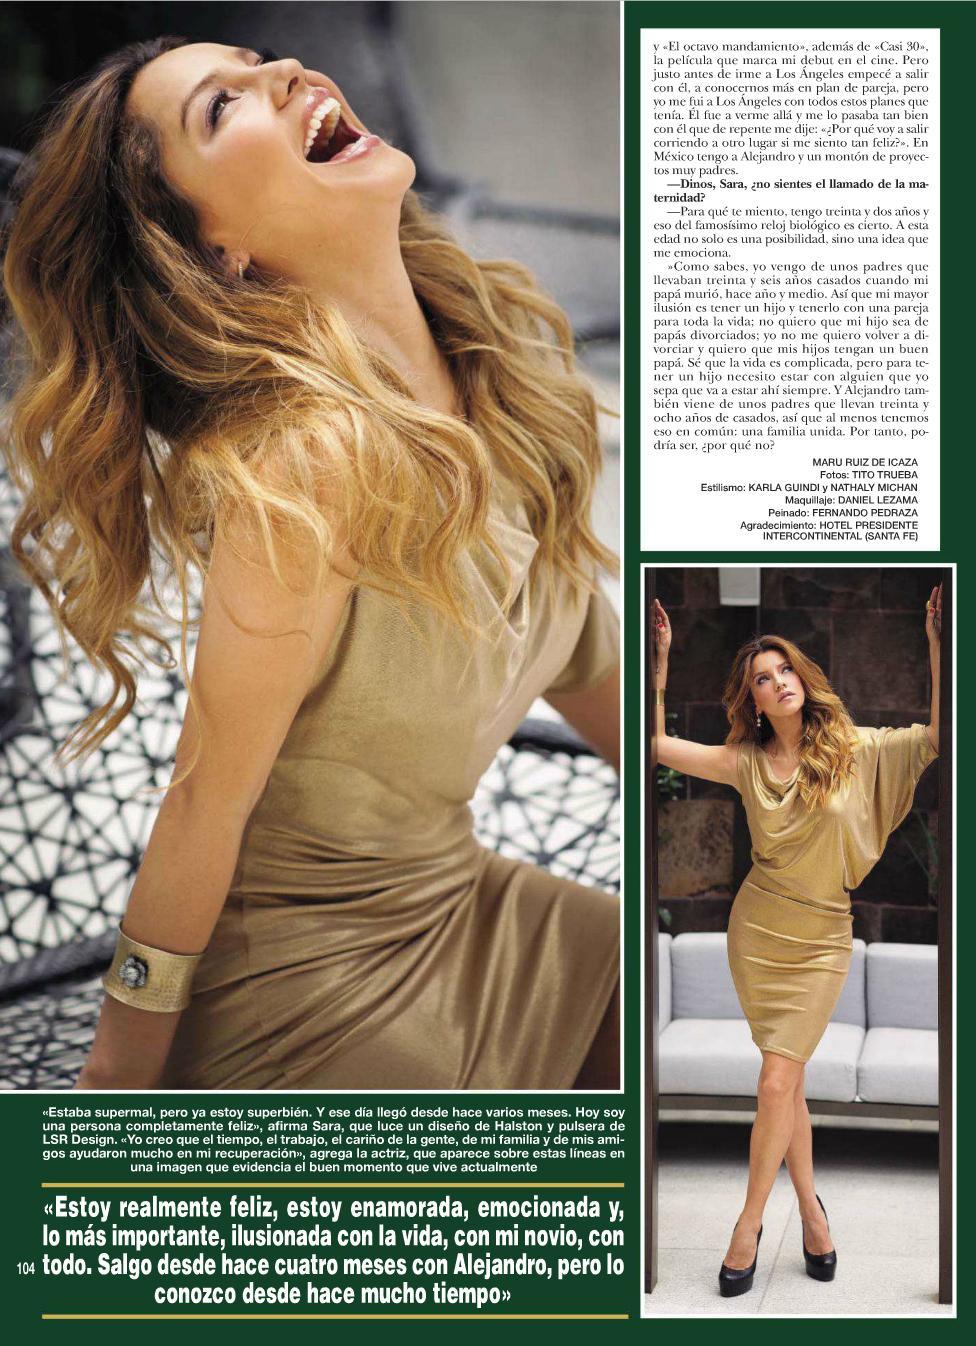 Sara Maldonado/სარა მალდონადო - Page 6 76ea158ec75dec0f80b8e9781c407621